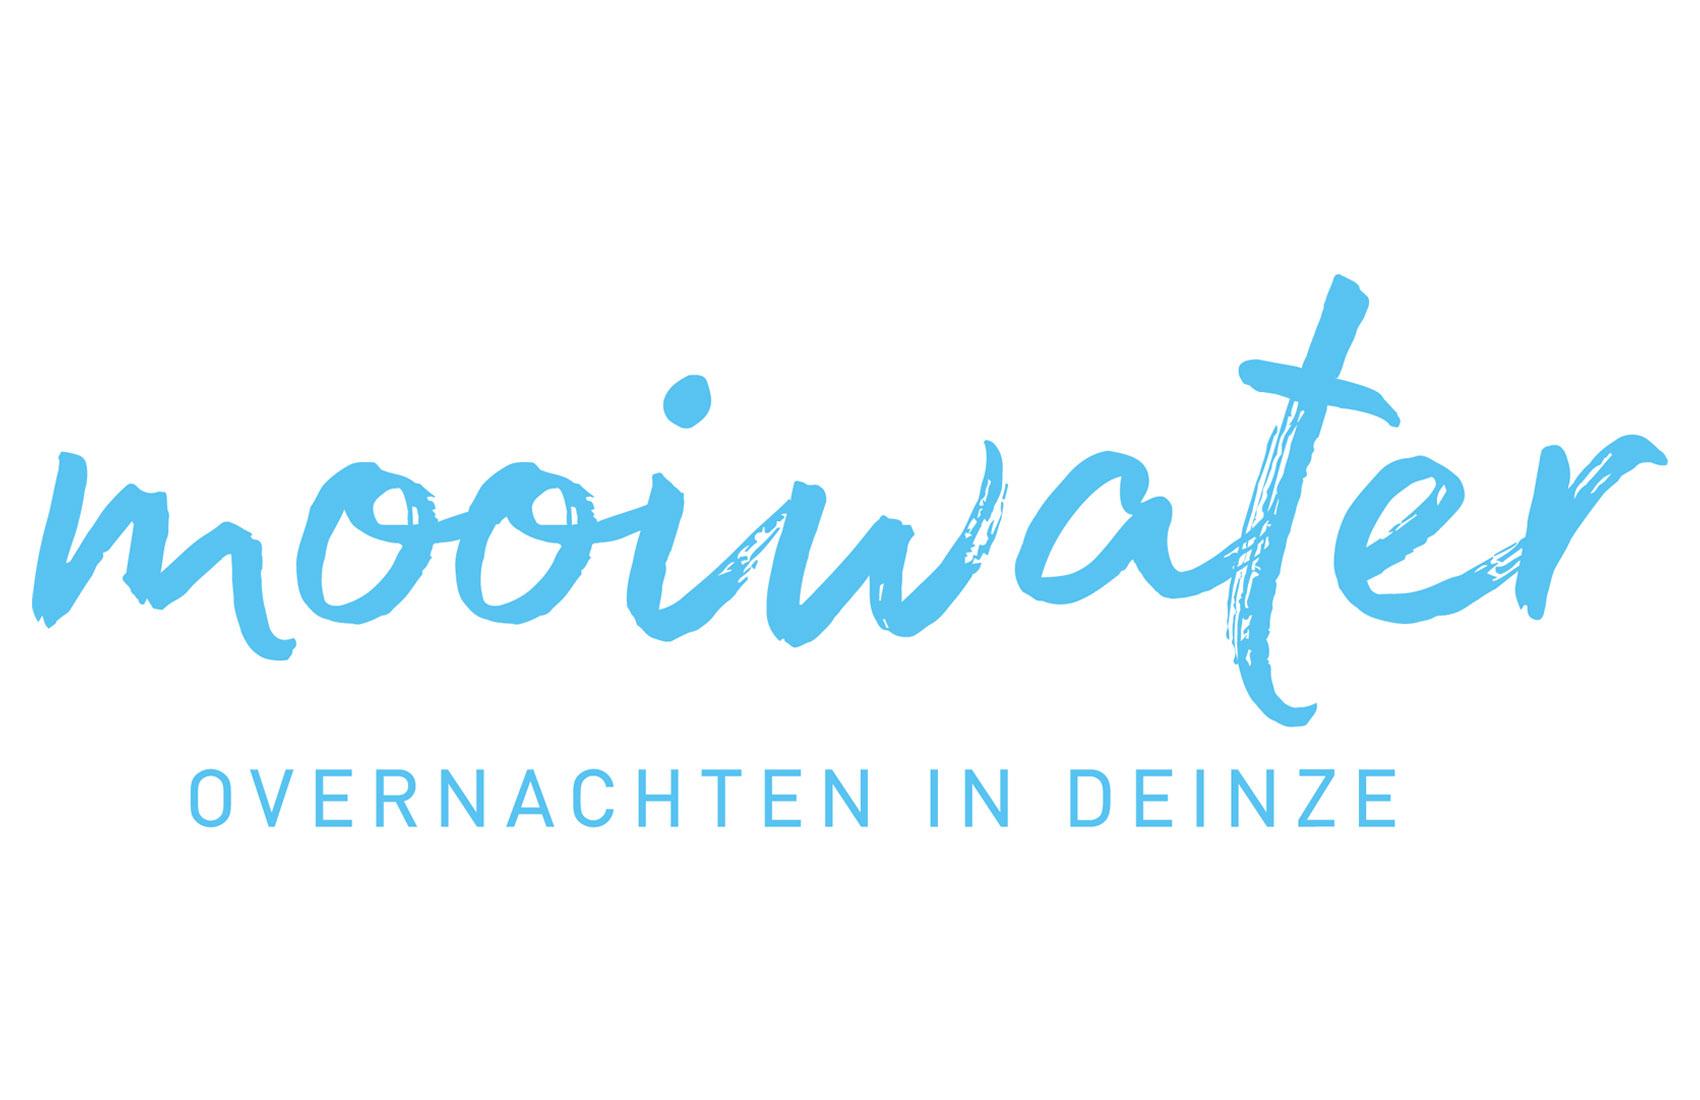 Mooiwater